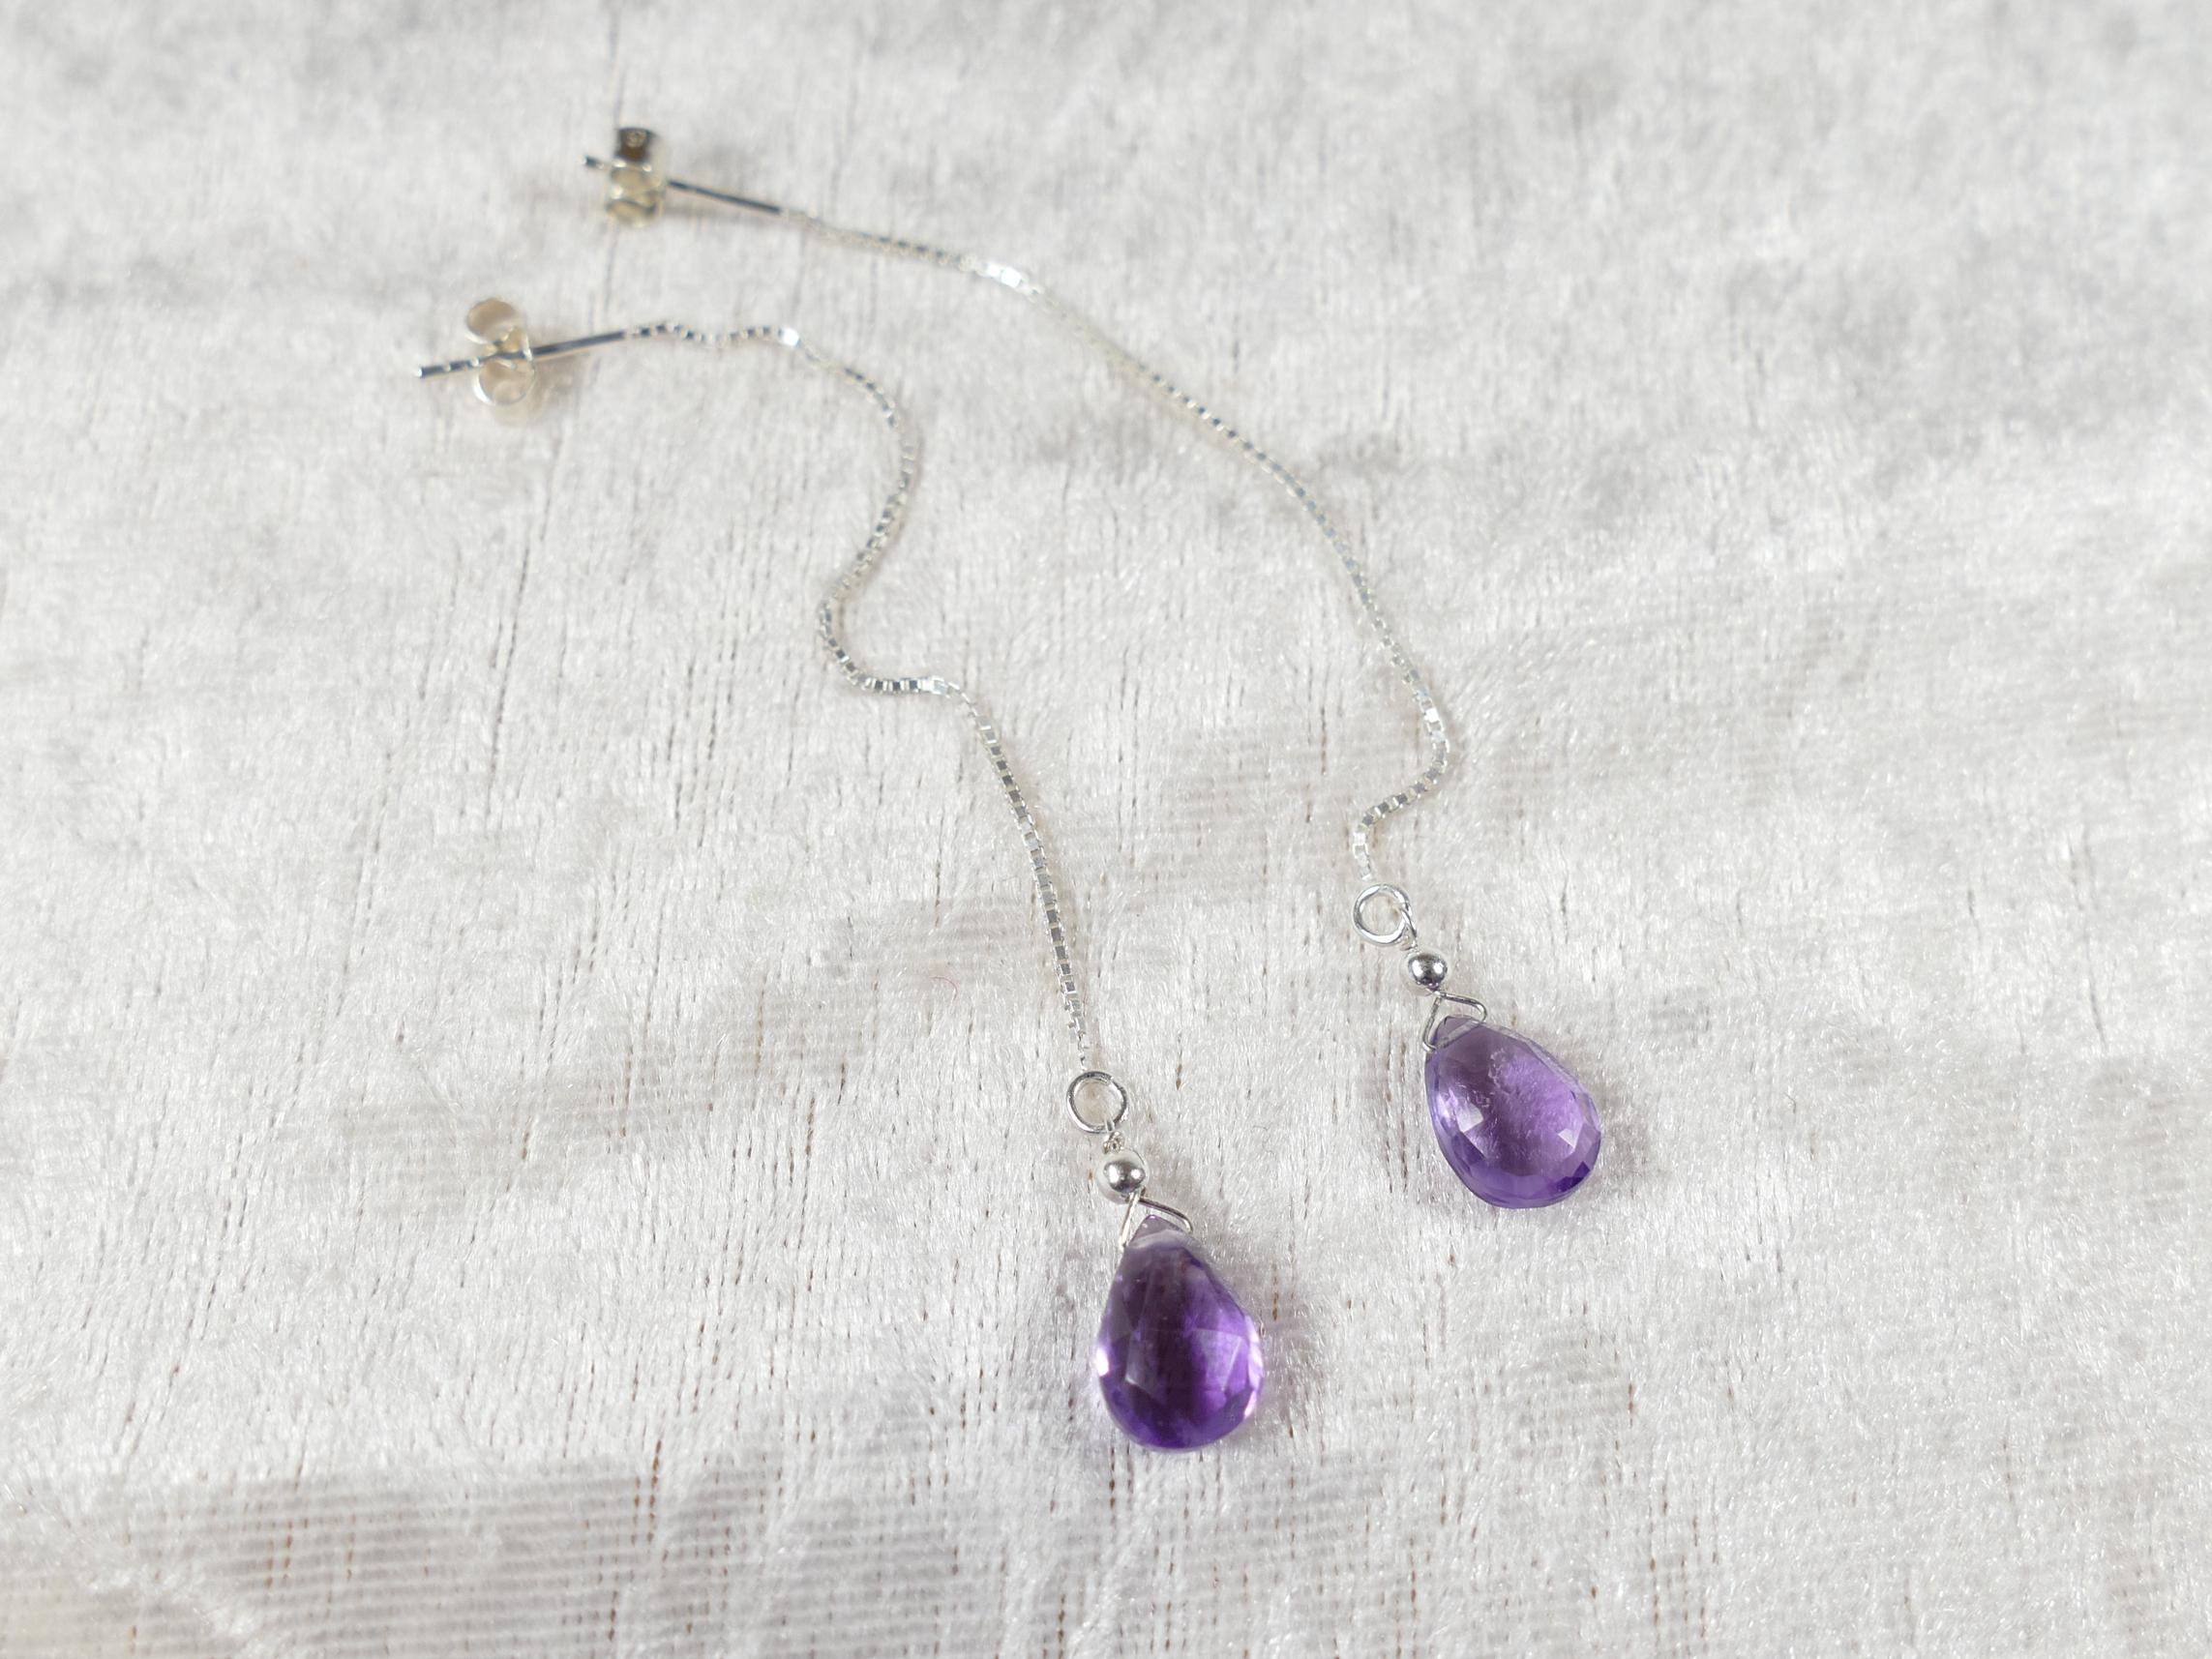 boucles d'oreilles vénitienne chaine argent 925 améthyste naturelle violette